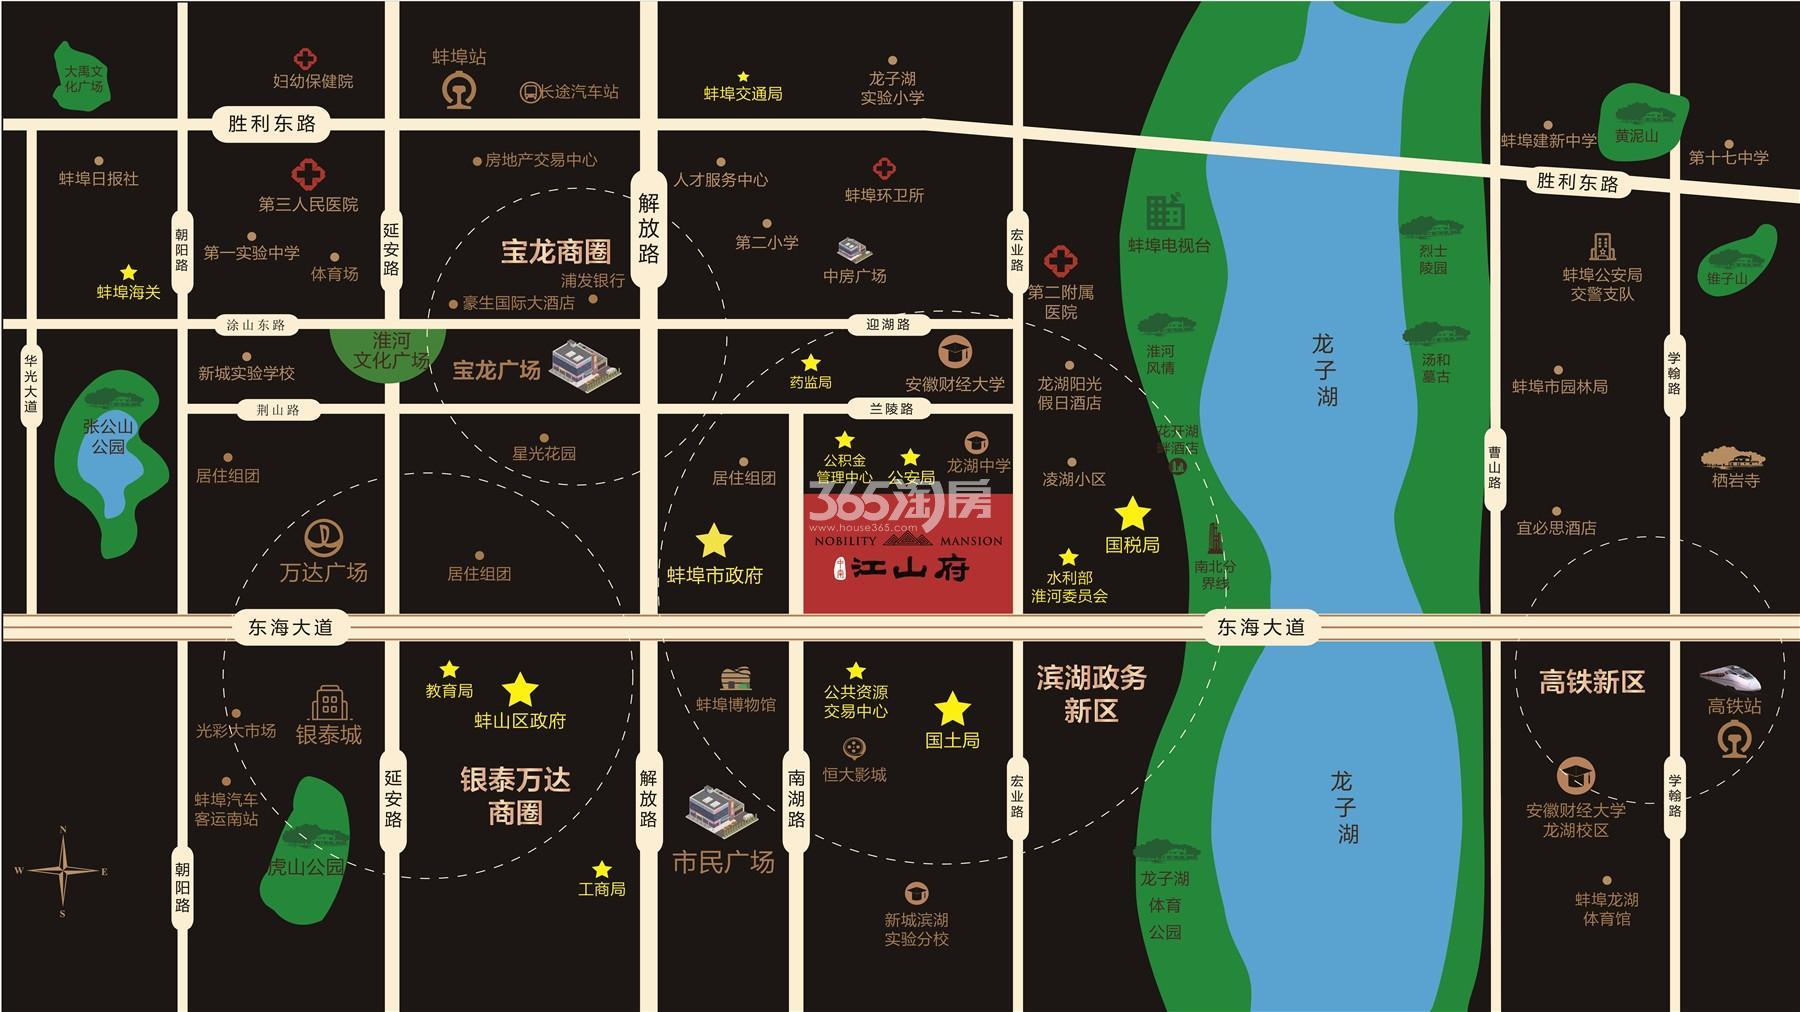 中南·江山府交通图